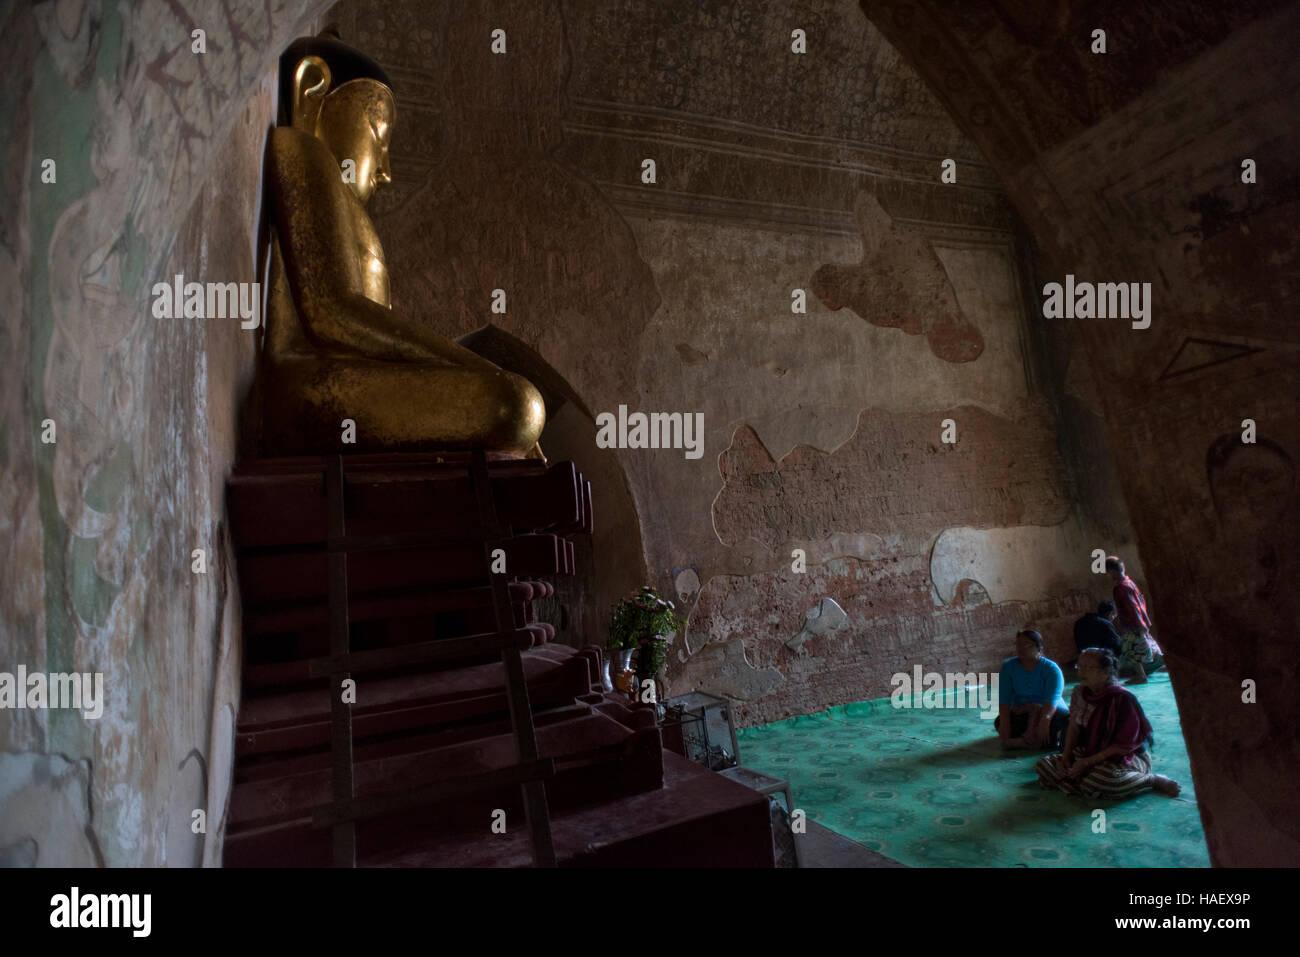 Les gens priant devant une statue de Bouddha en or à la temple Sulamani à Bagan, Myanmar. Photo Stock